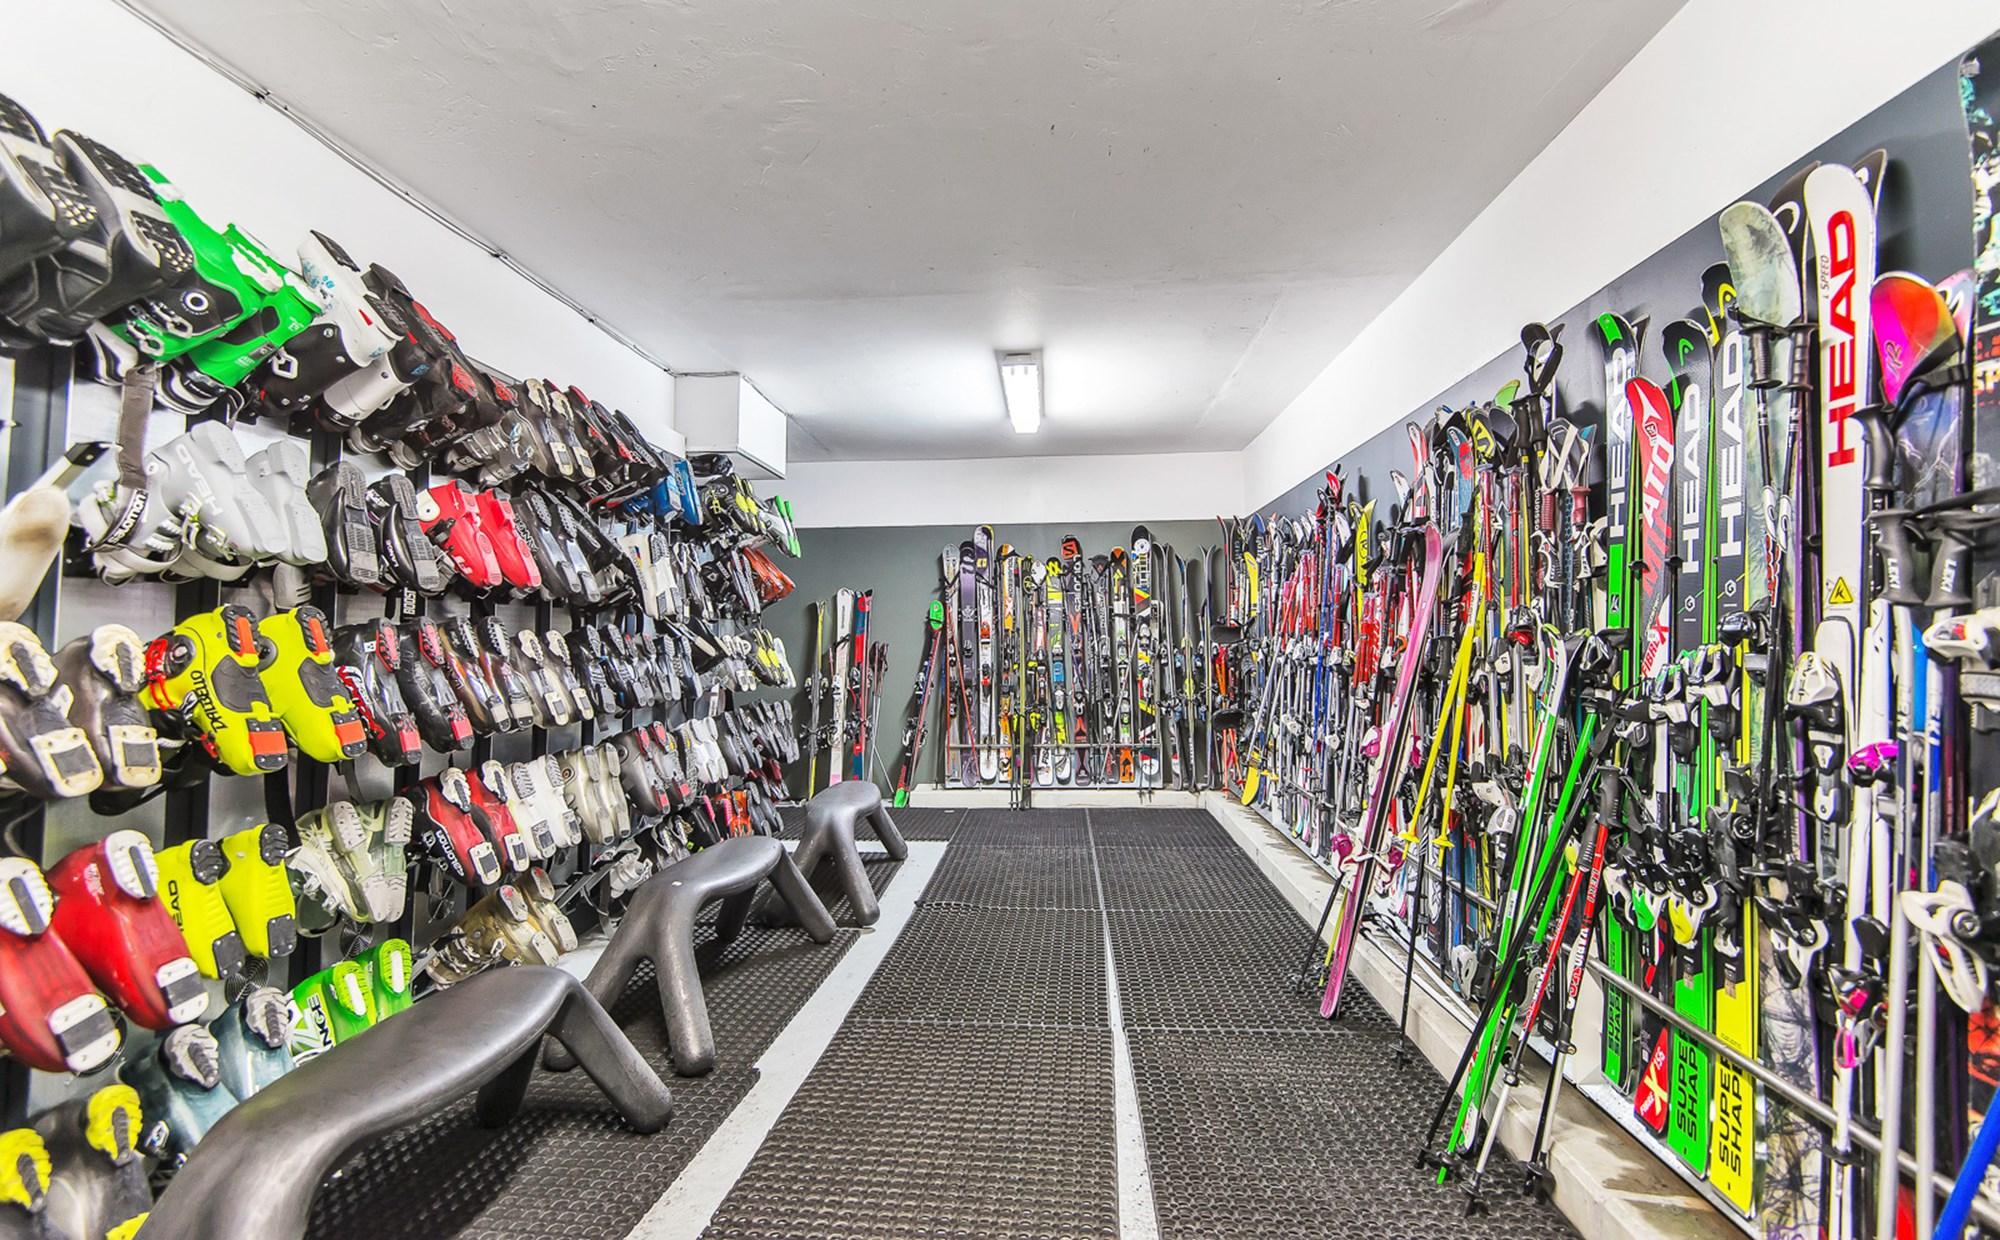 Nortlander-gruppen, Danmarks største skirejsebureau, sender årligt 90.000 gæster fra Norden til Alperne. Arkivfoto: Nortlander.